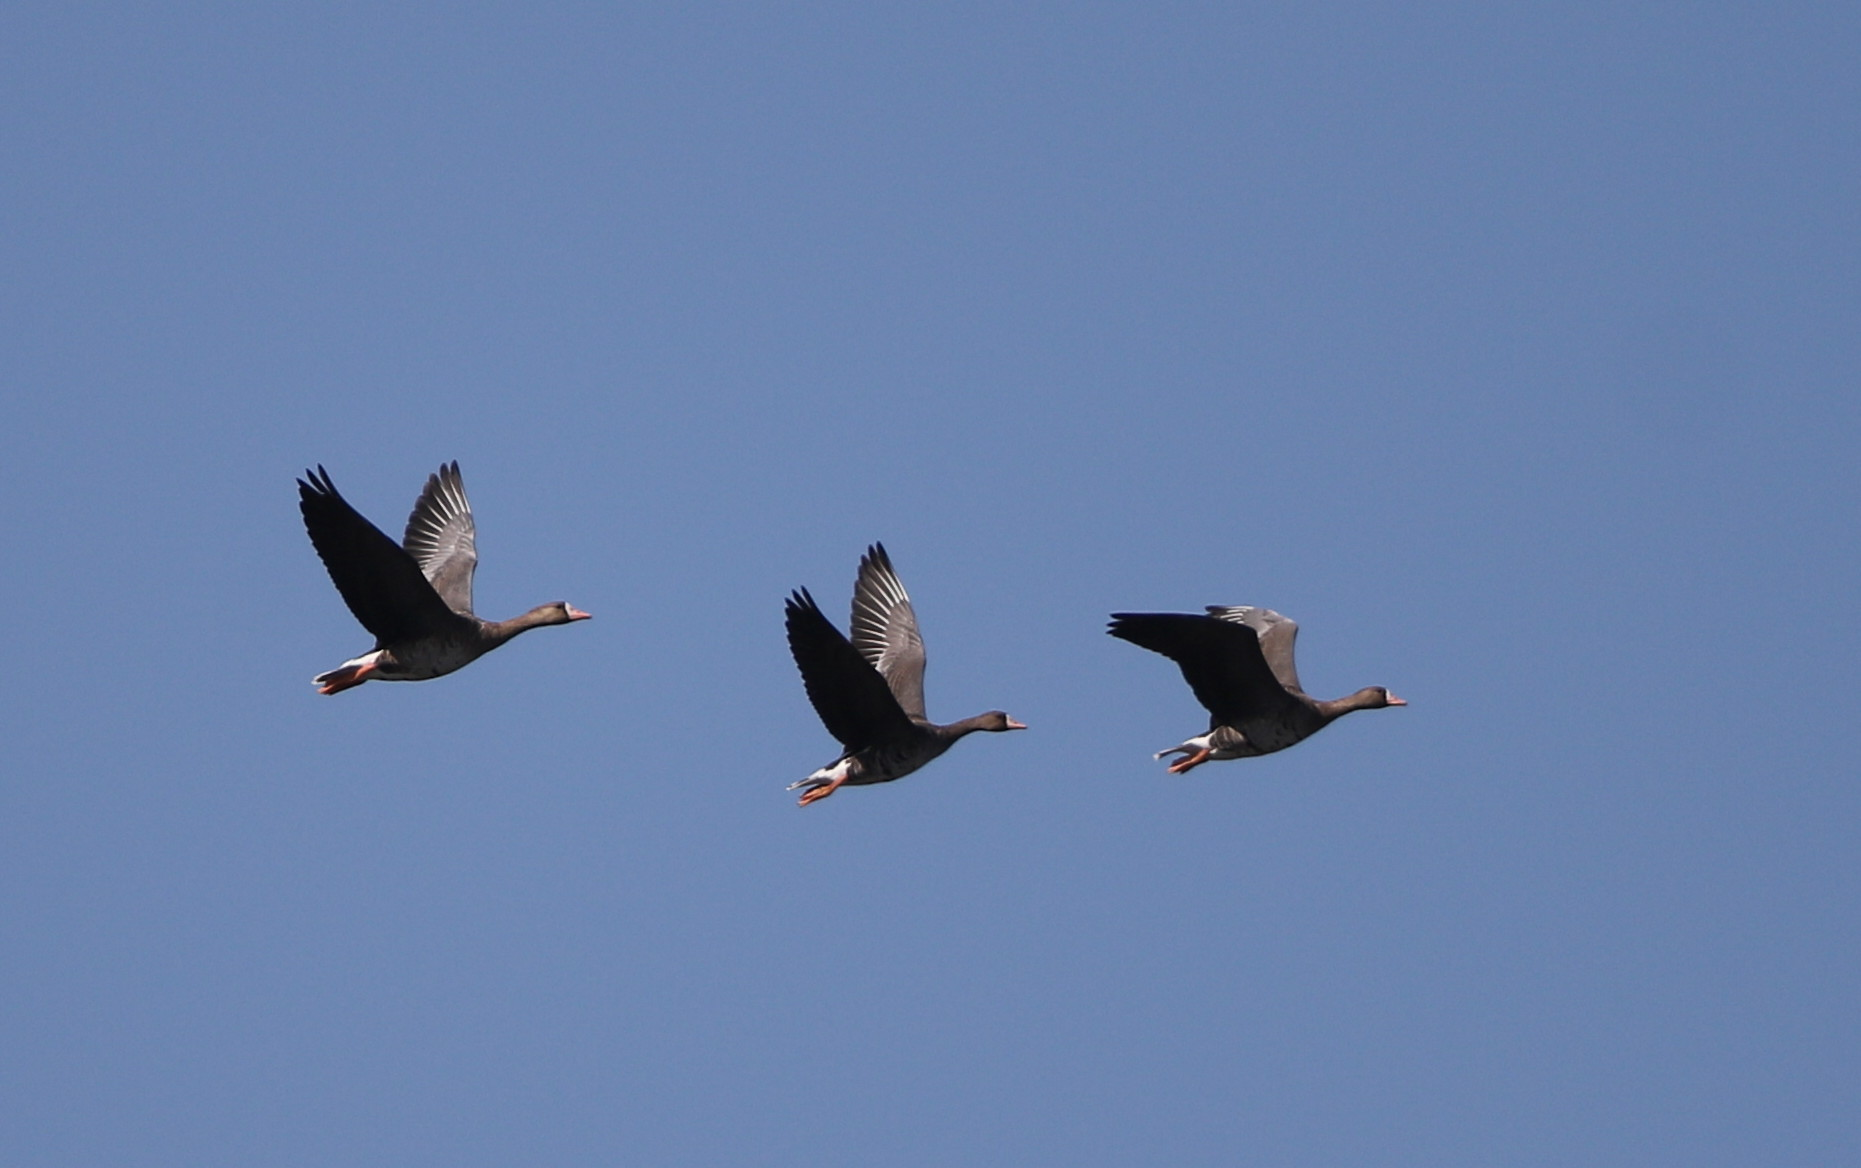 MFの沼へマガンが3羽飛来上空を旋回し飛び去る_f0239515_17304119.jpg